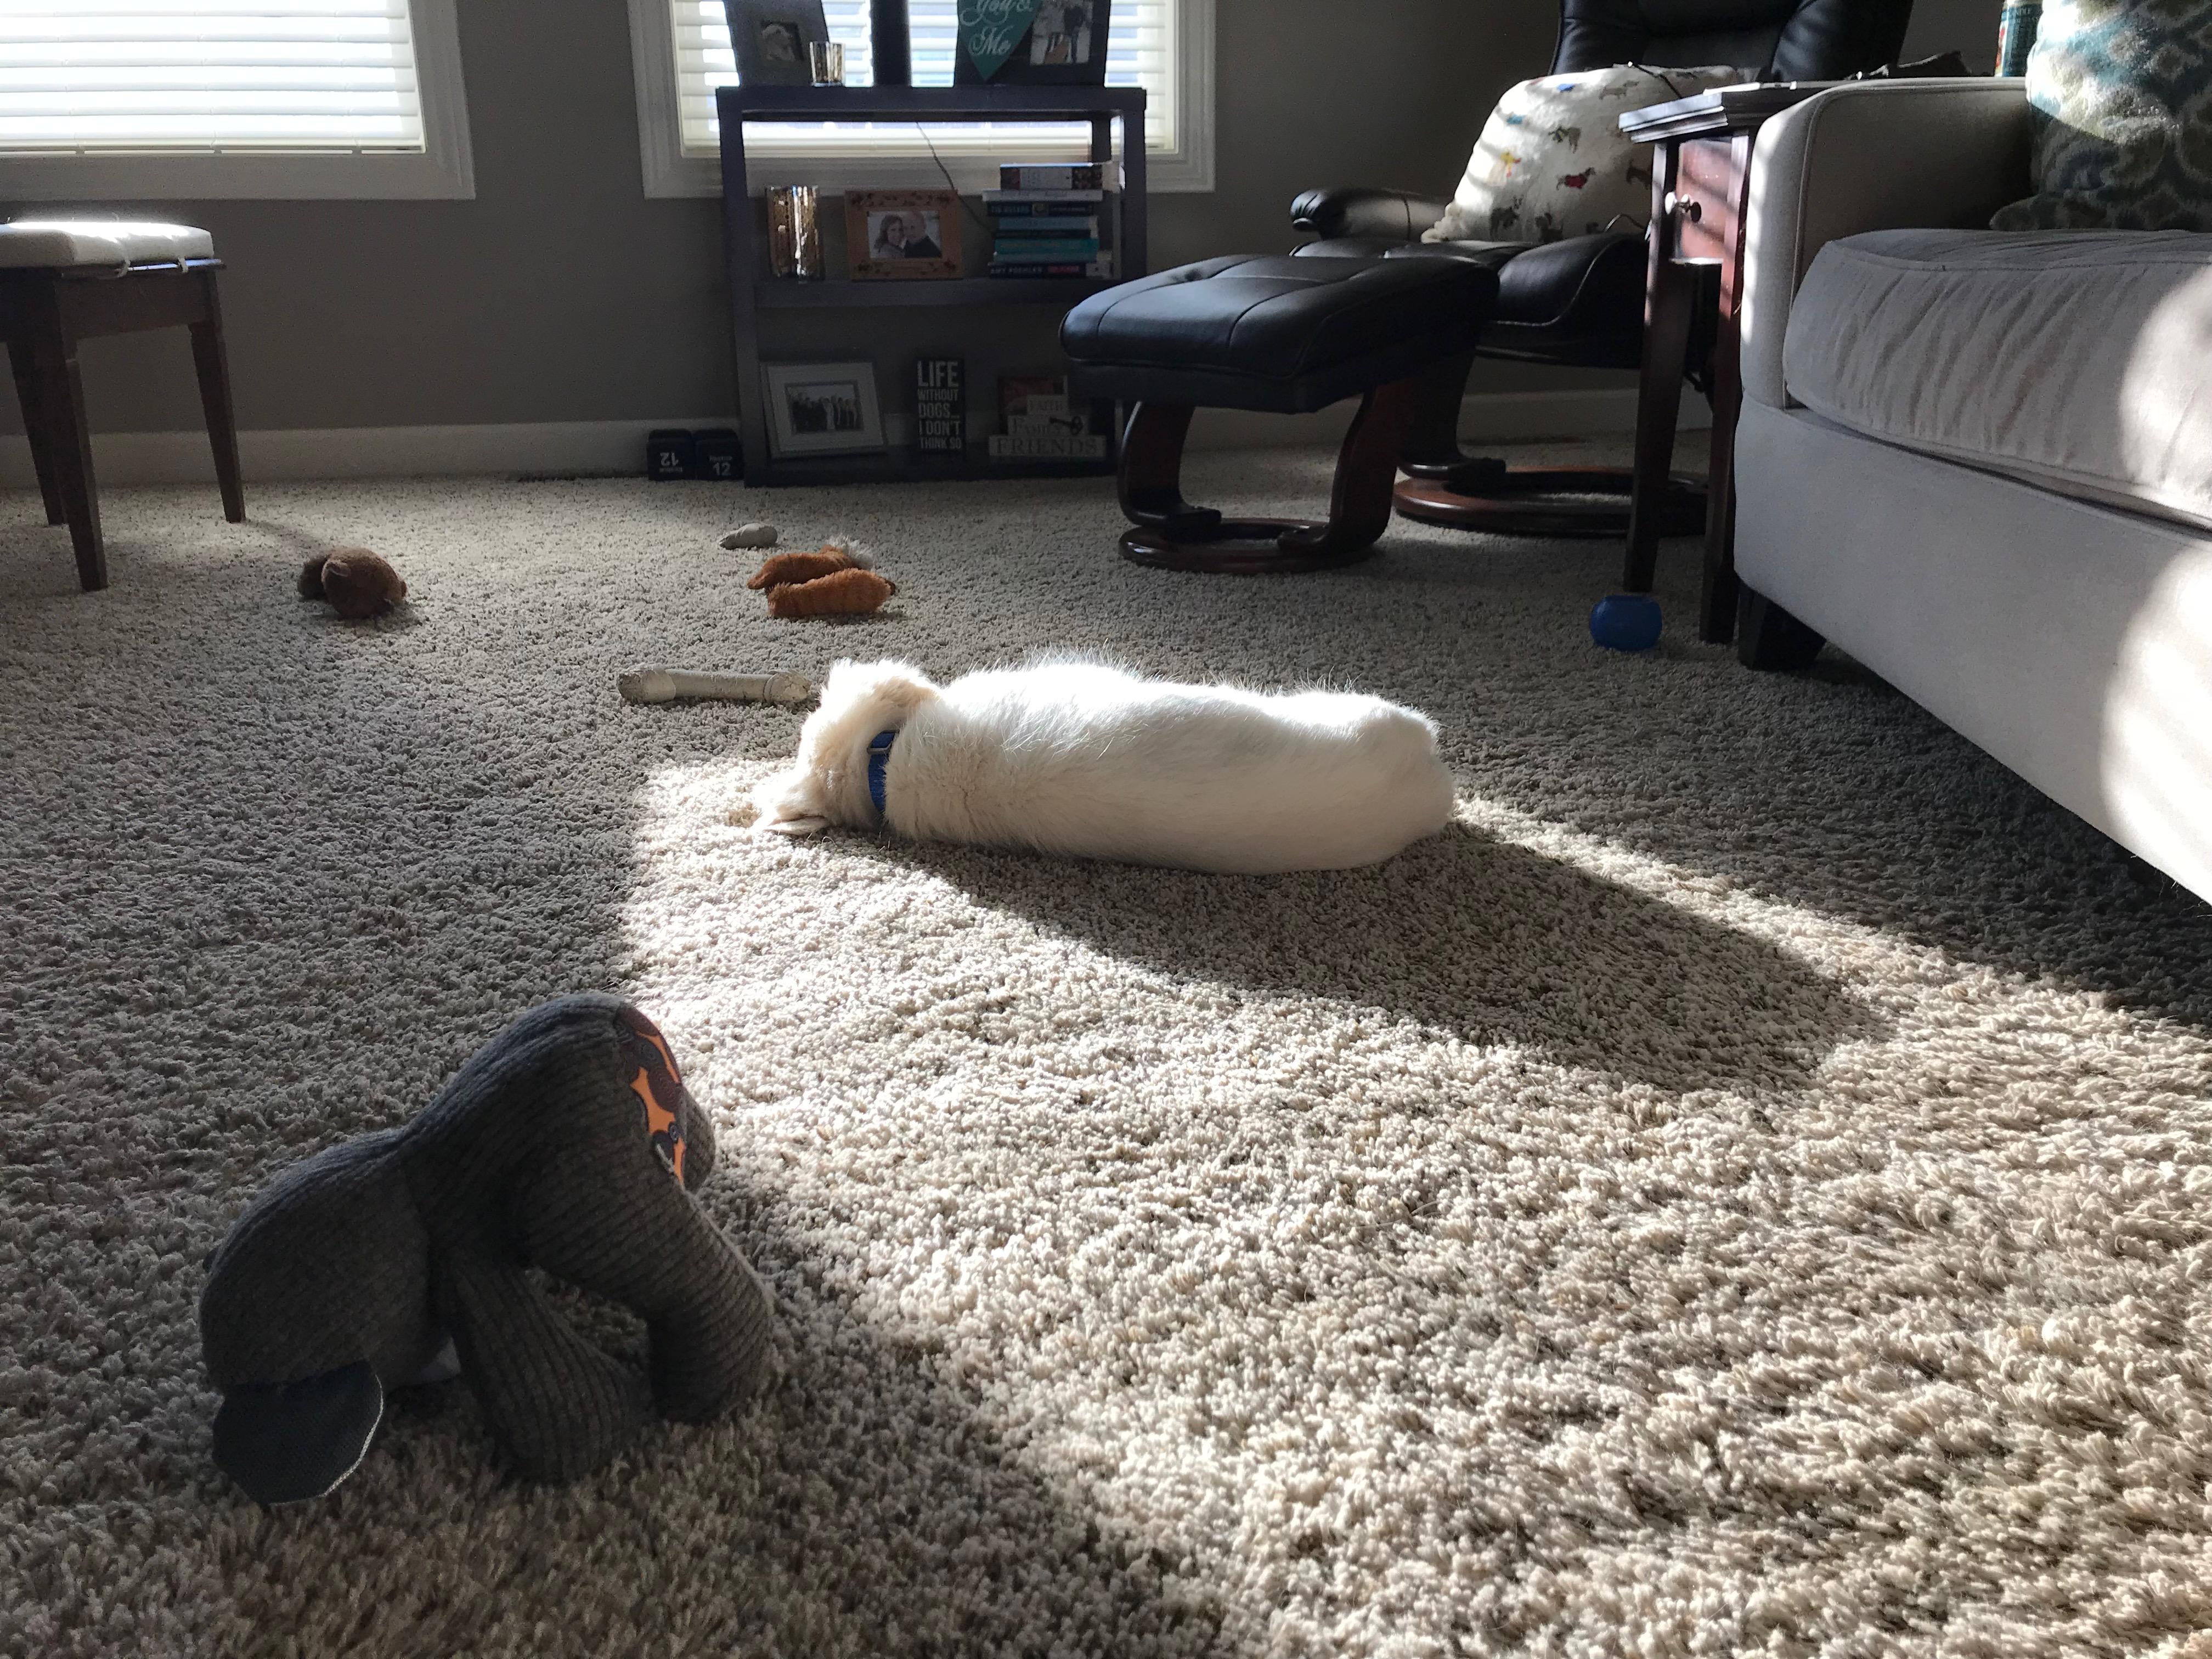 Puppy sleeping on the floor.